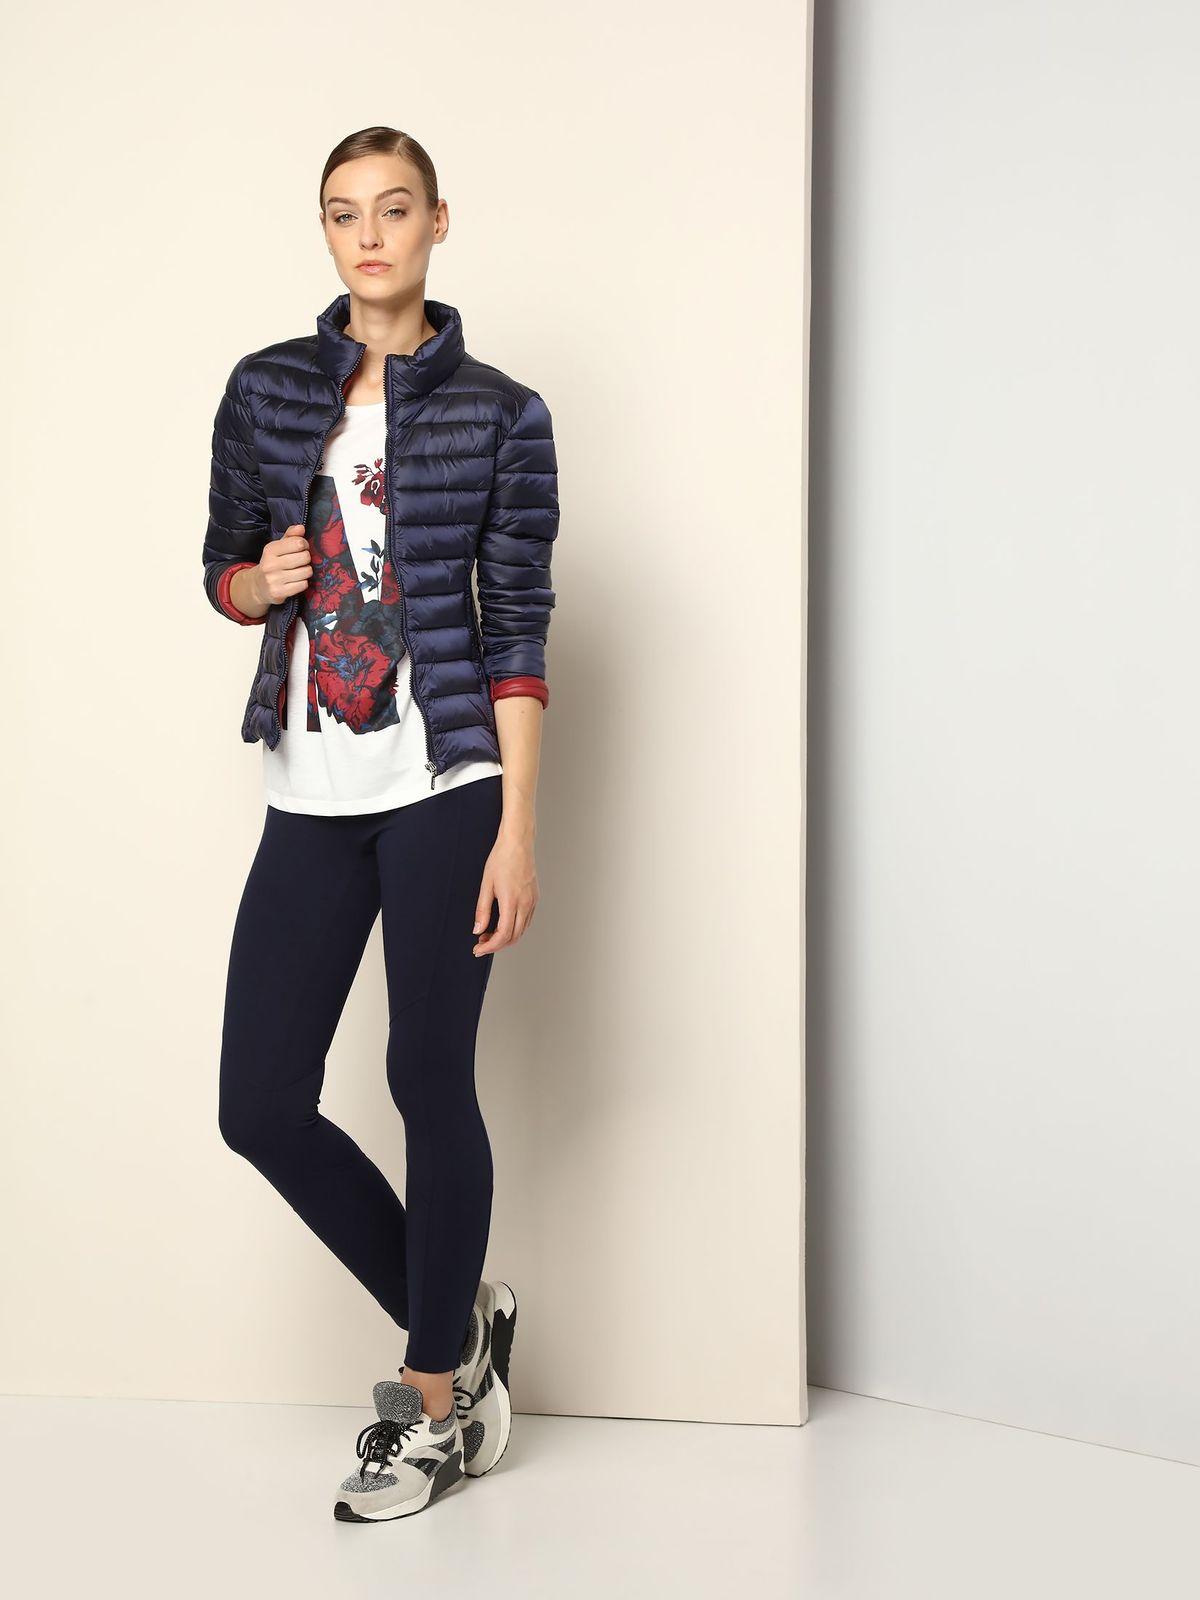 Куртка женская Drywash, цвет: темно-синий. DKU0069GR. Размер L (46/48)DKU0069GRСтильная женская куртка Drywash изготовлена из полиамида. В качестве утеплителя используется синтепон. Модель с воротником-стойкой застегивается на застежку-молнию. Спереди расположены два прорезных кармана на застежках-молниях.